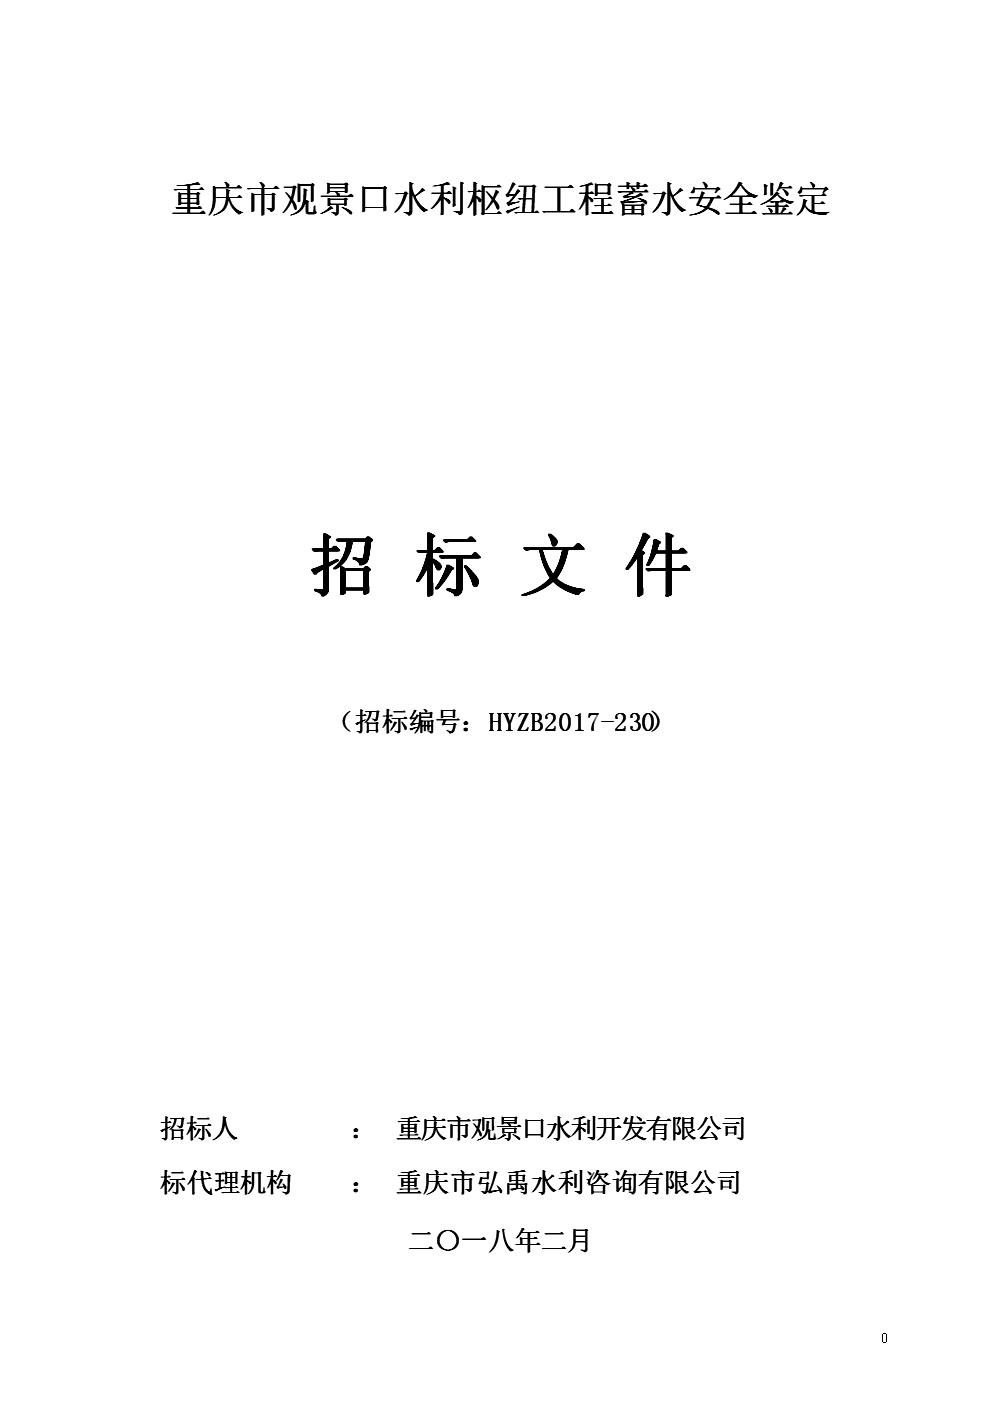 重庆市观景口水利枢纽工程蓄水安全鉴定招标文件.doc